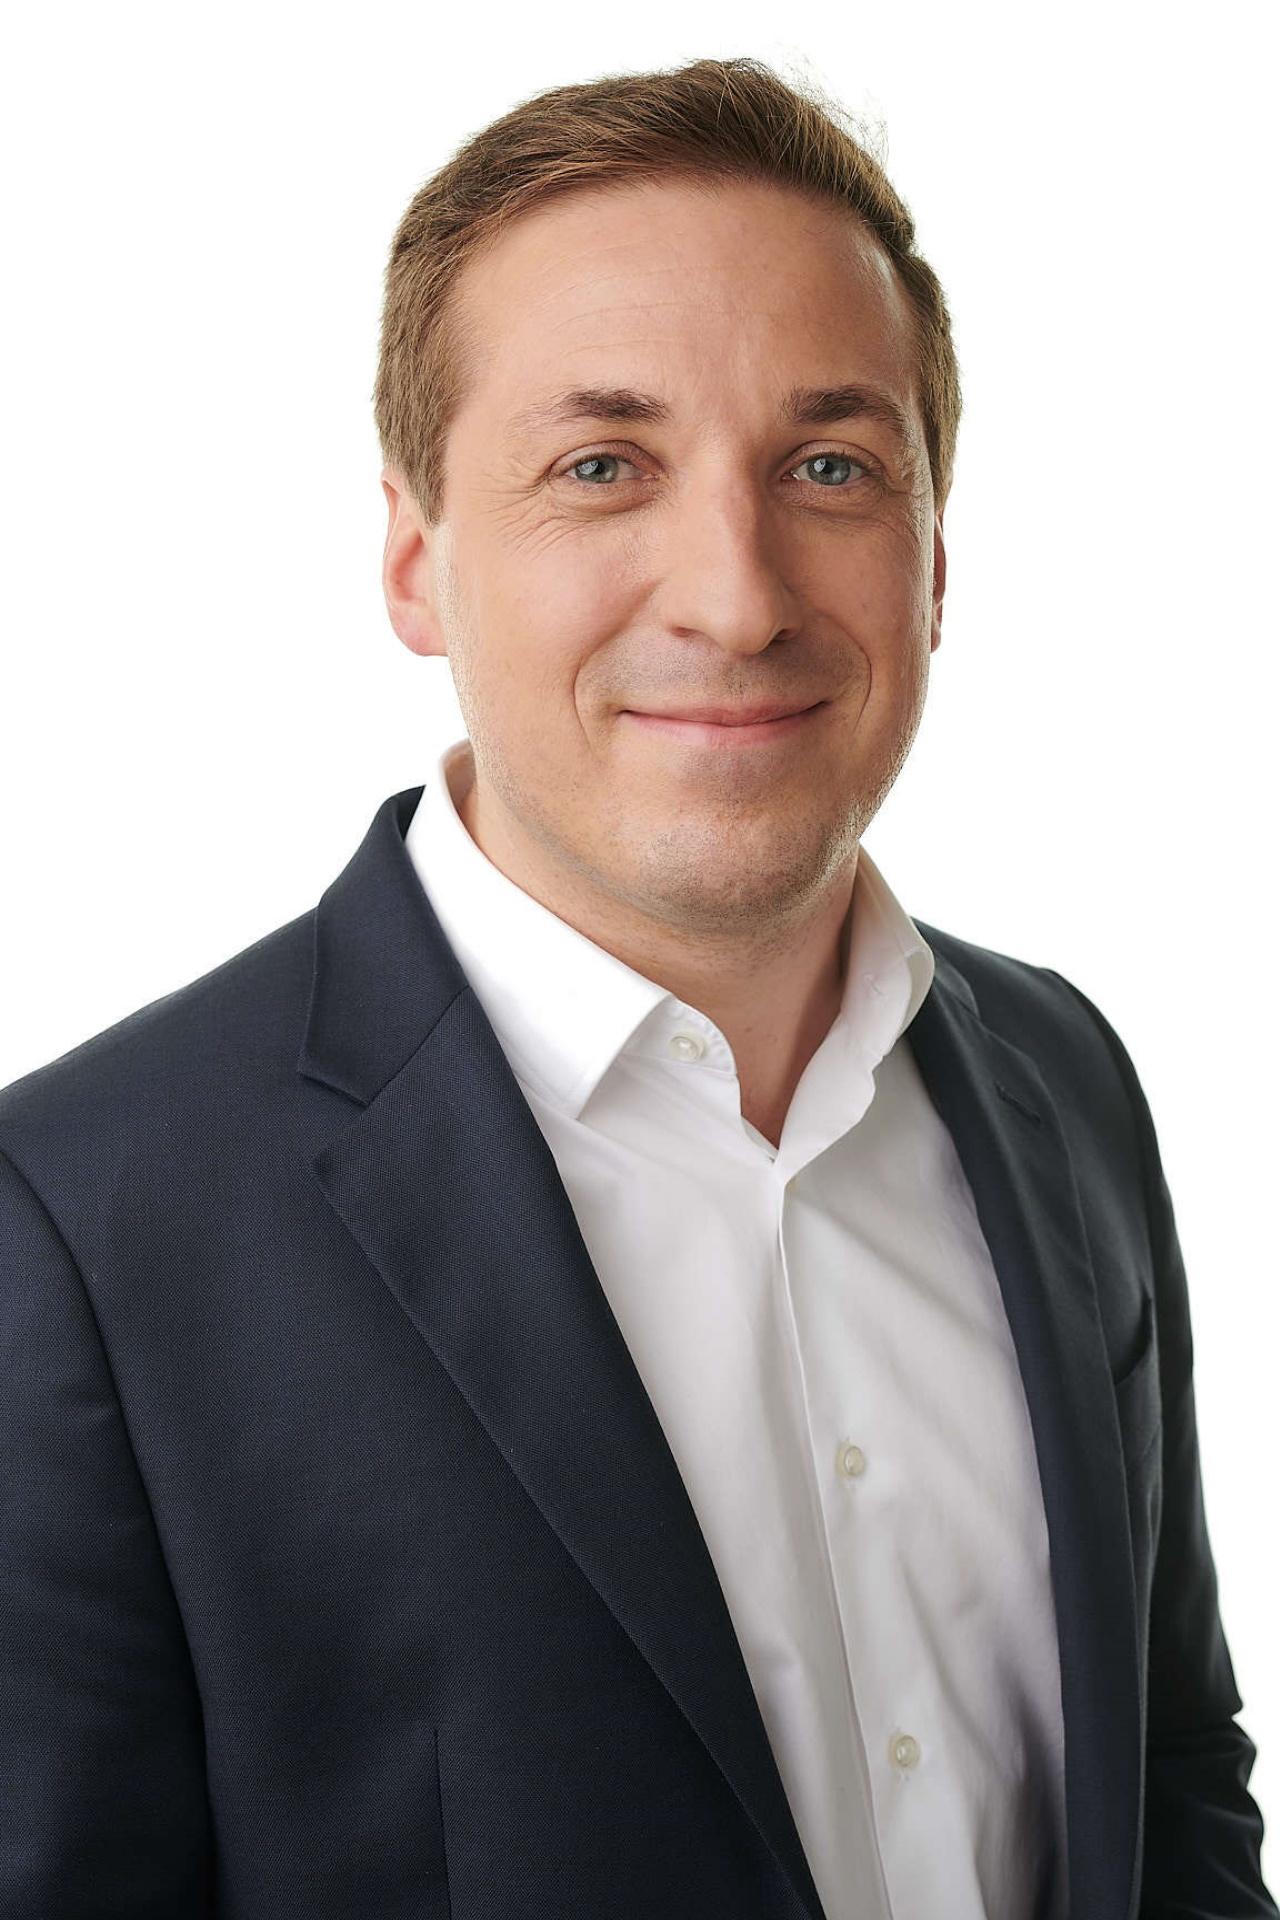 Christoph Granig